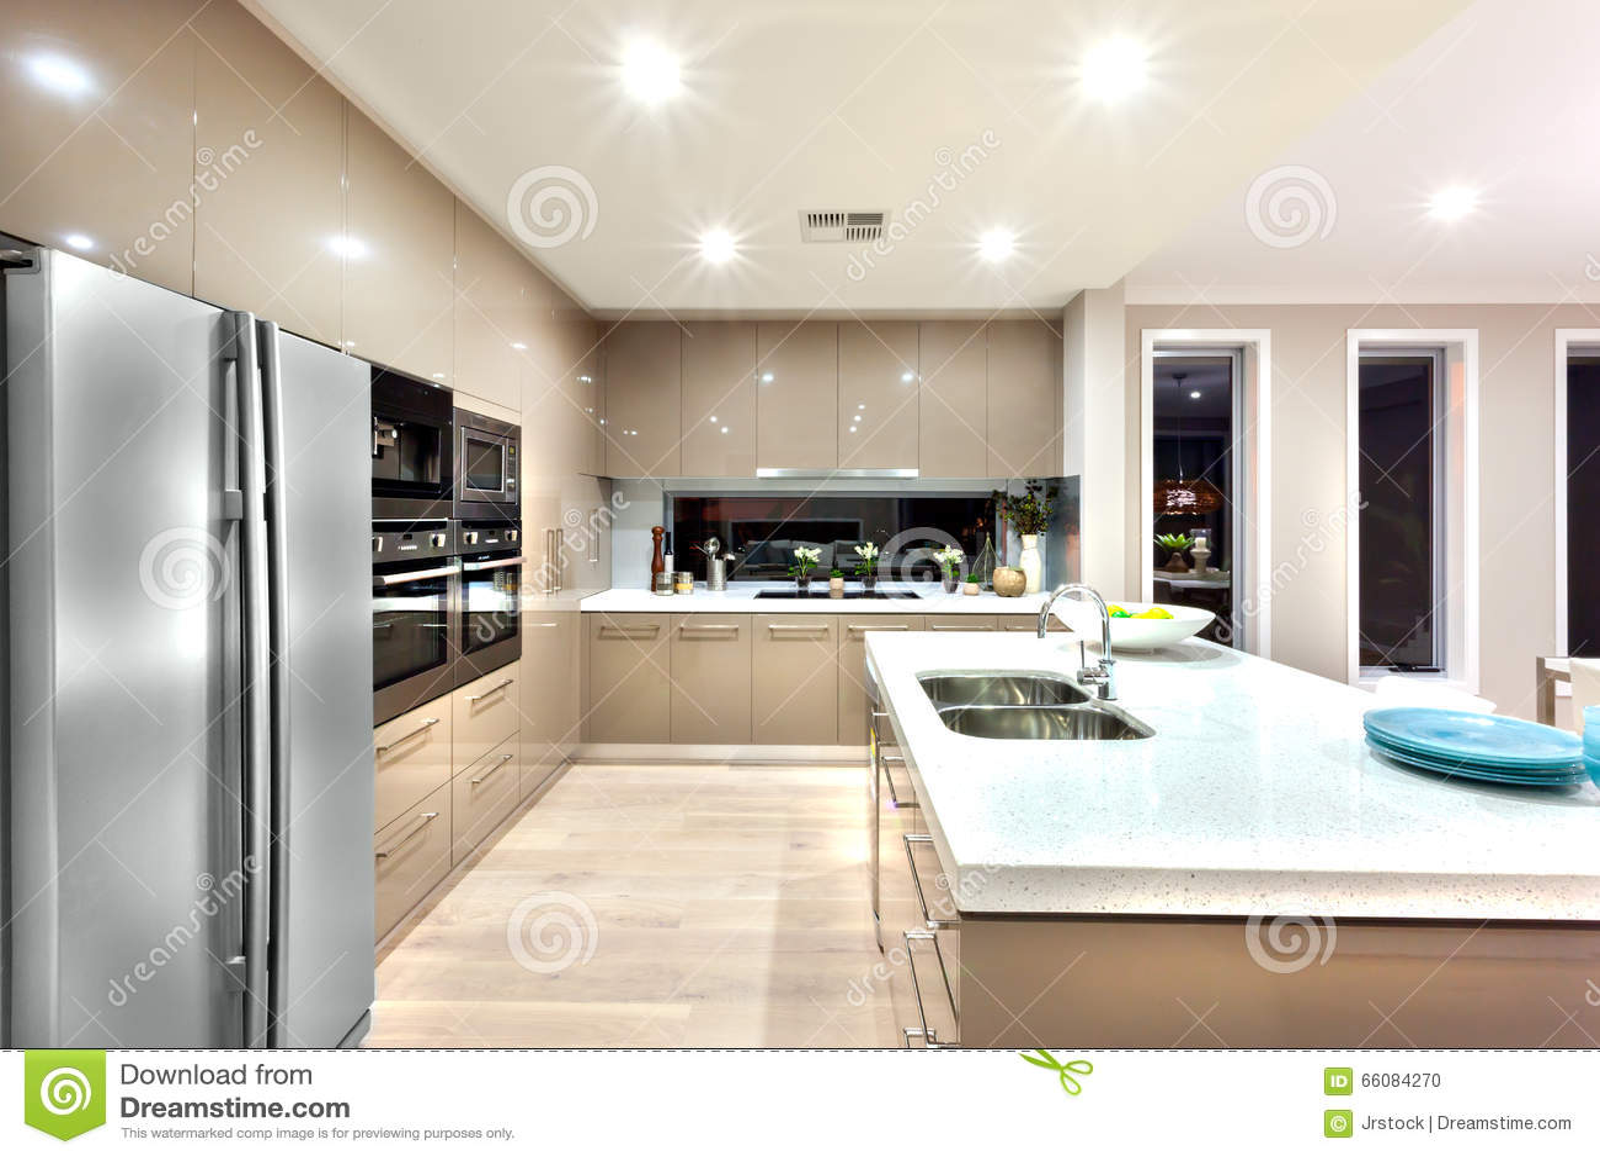 Uma Cozinha Moderna Com Refrigerador E Fixada Parede Com Ca Foto